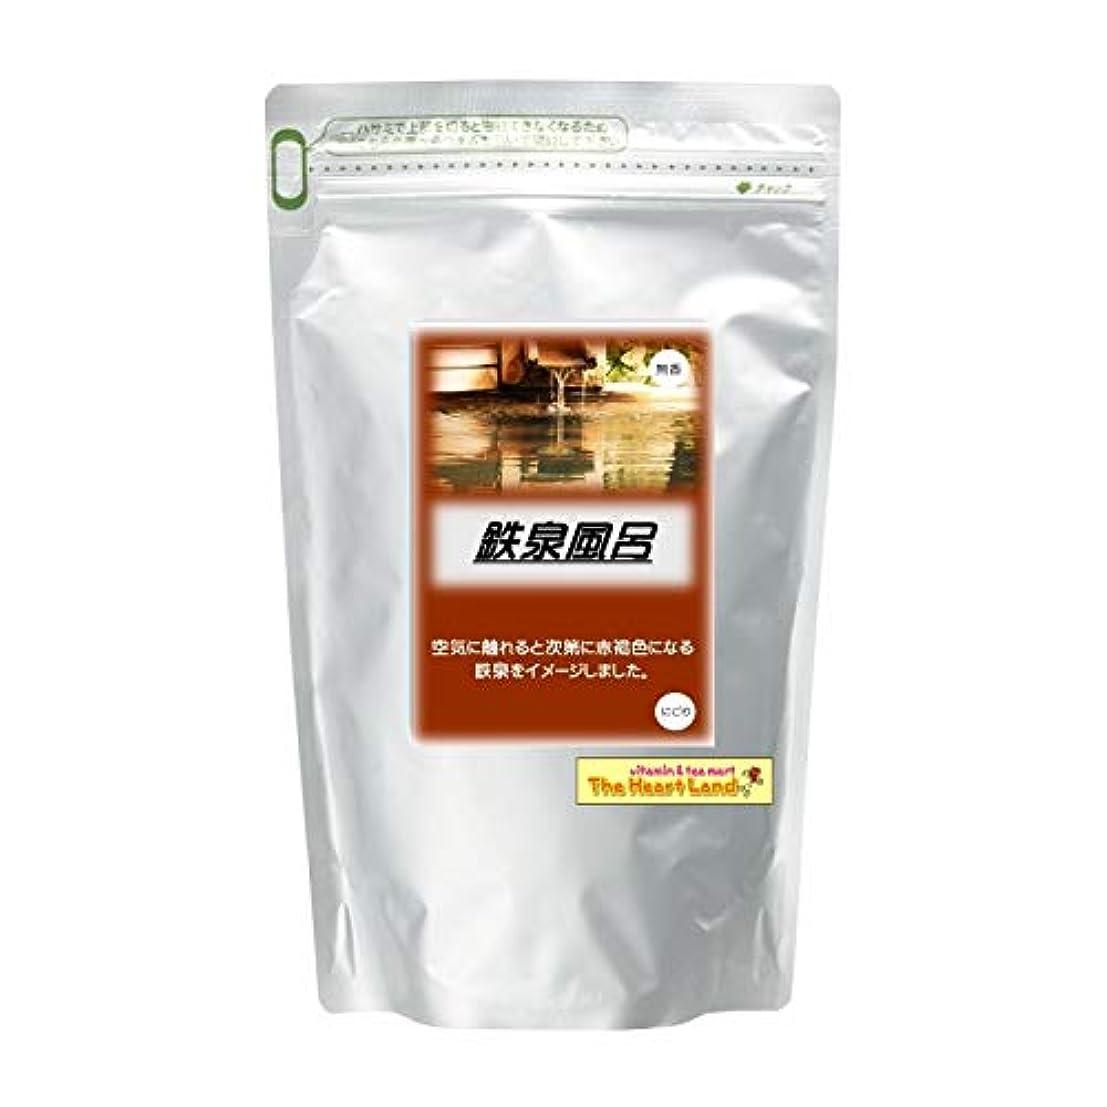 アサヒ入浴剤 浴用入浴化粧品 鉄泉風呂 300g